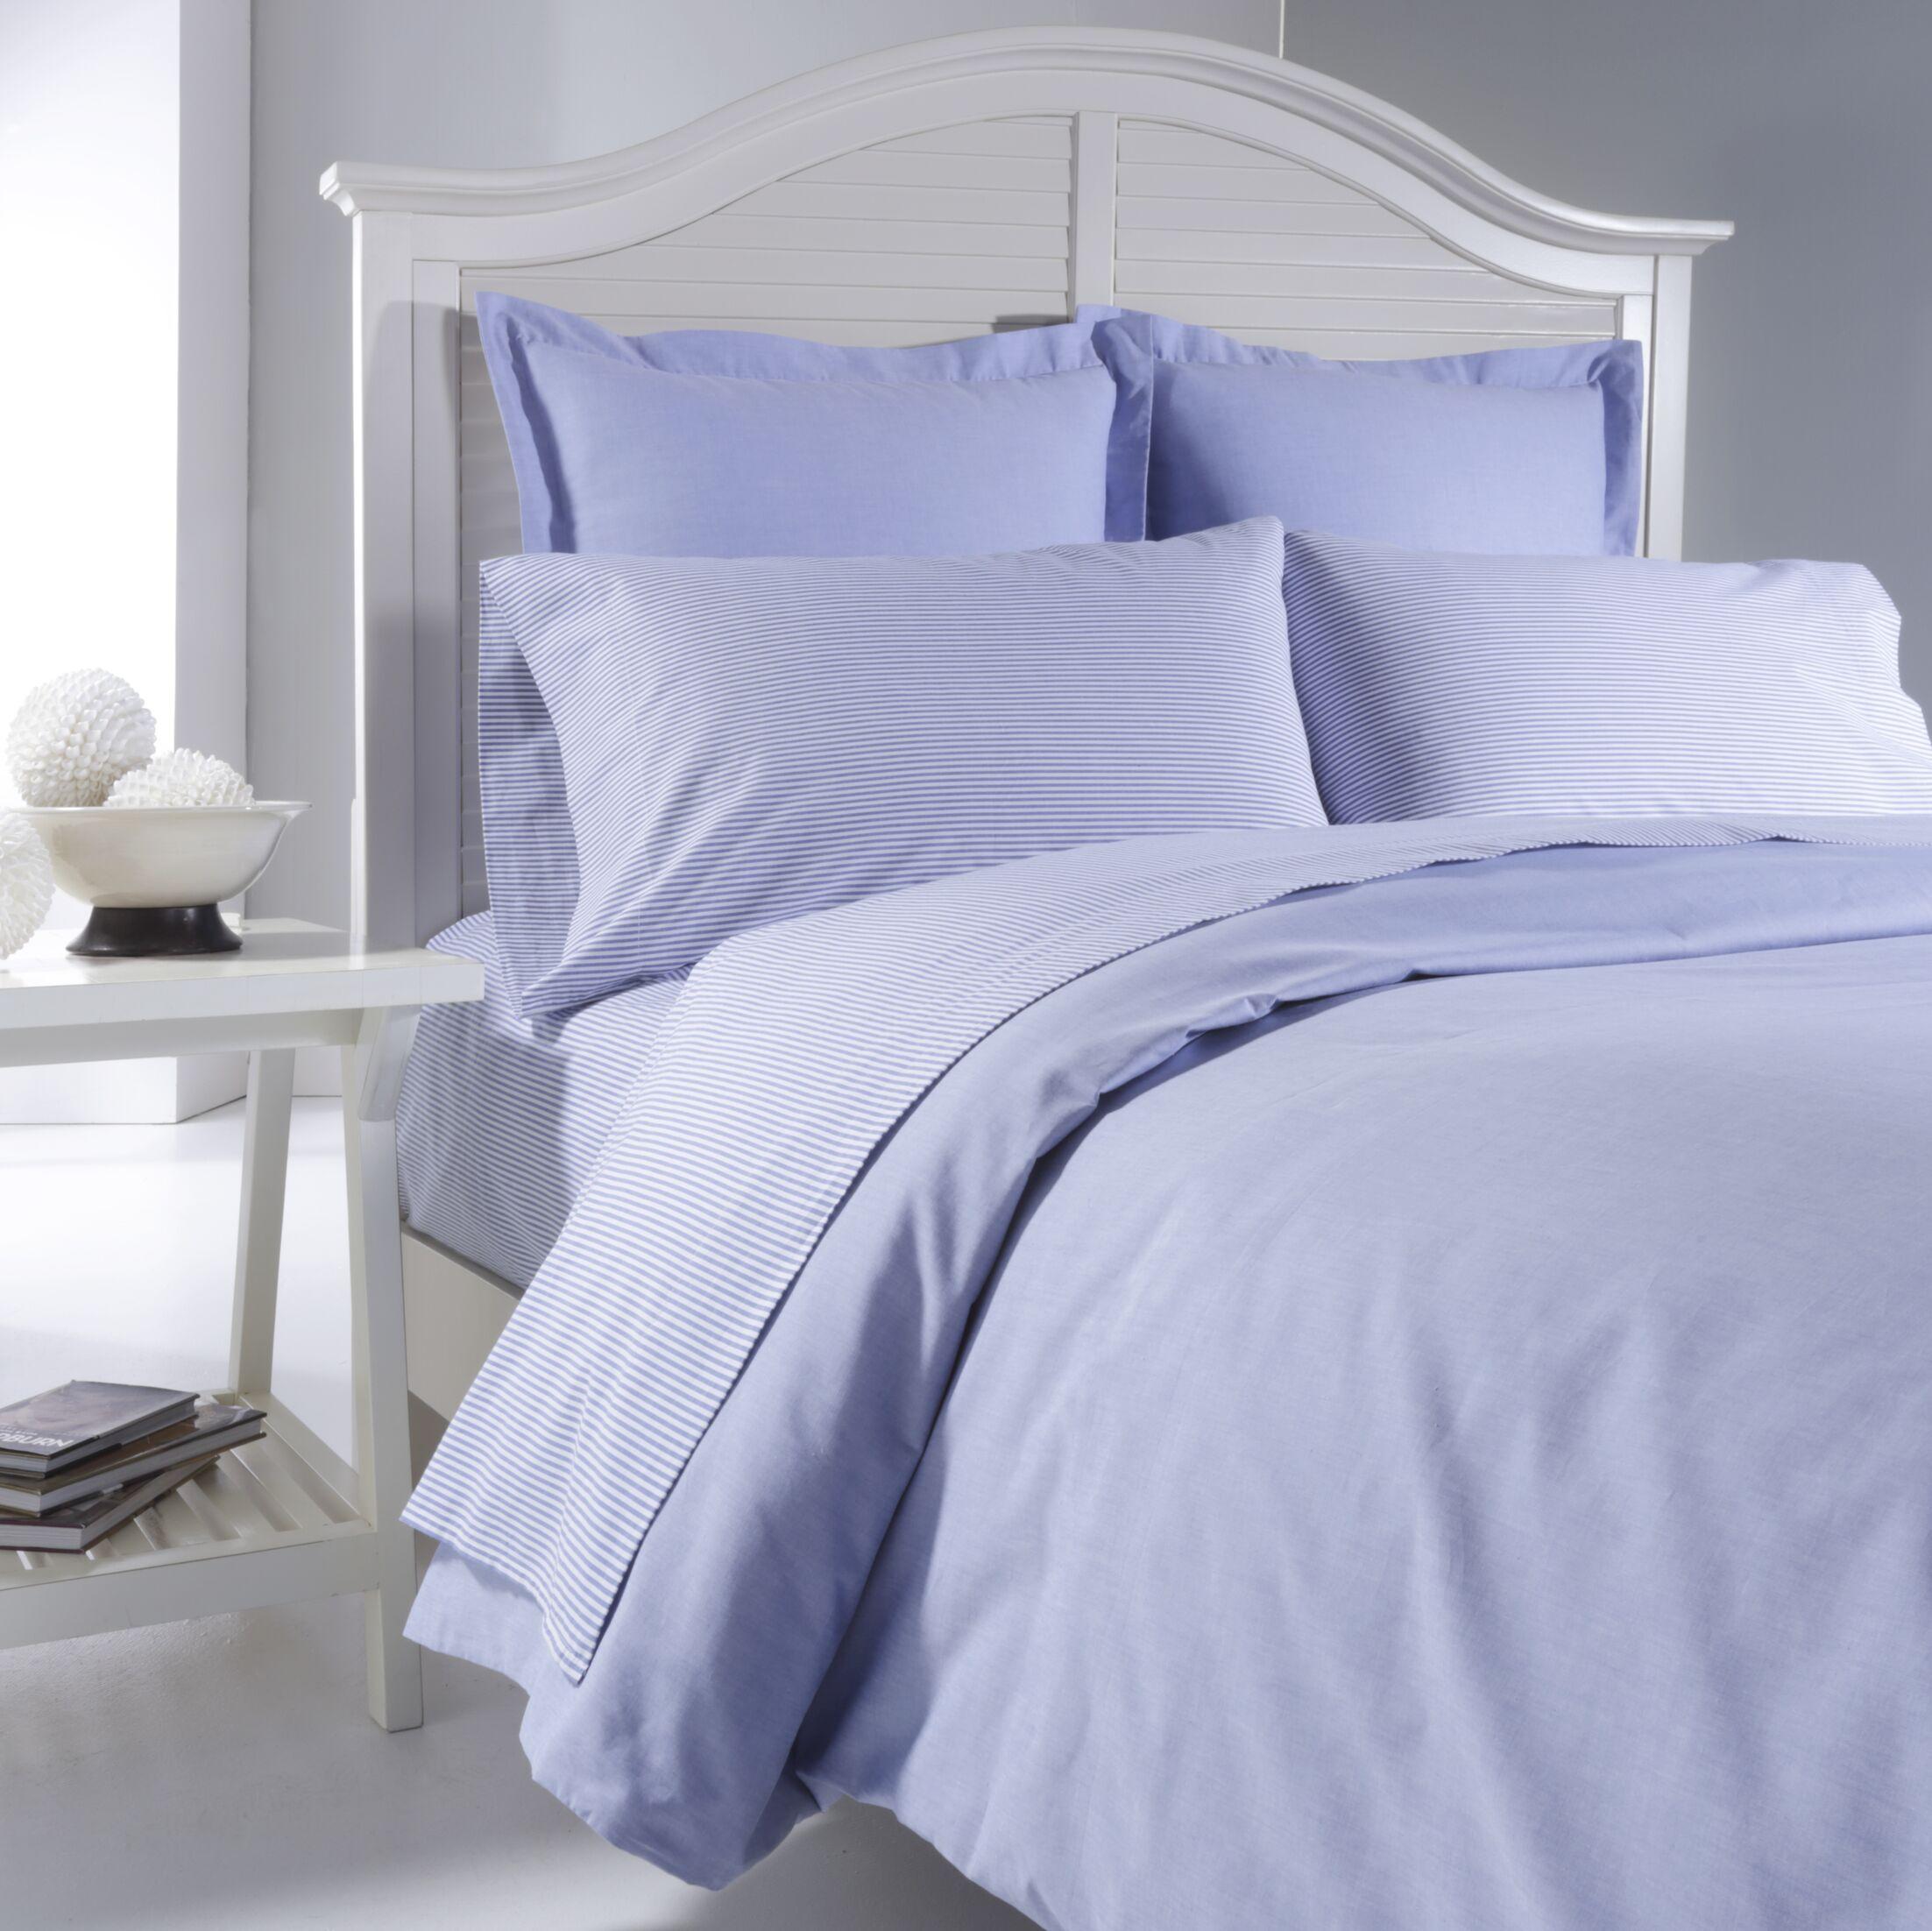 Kinney Sheet Set Color: Blue, Size: King